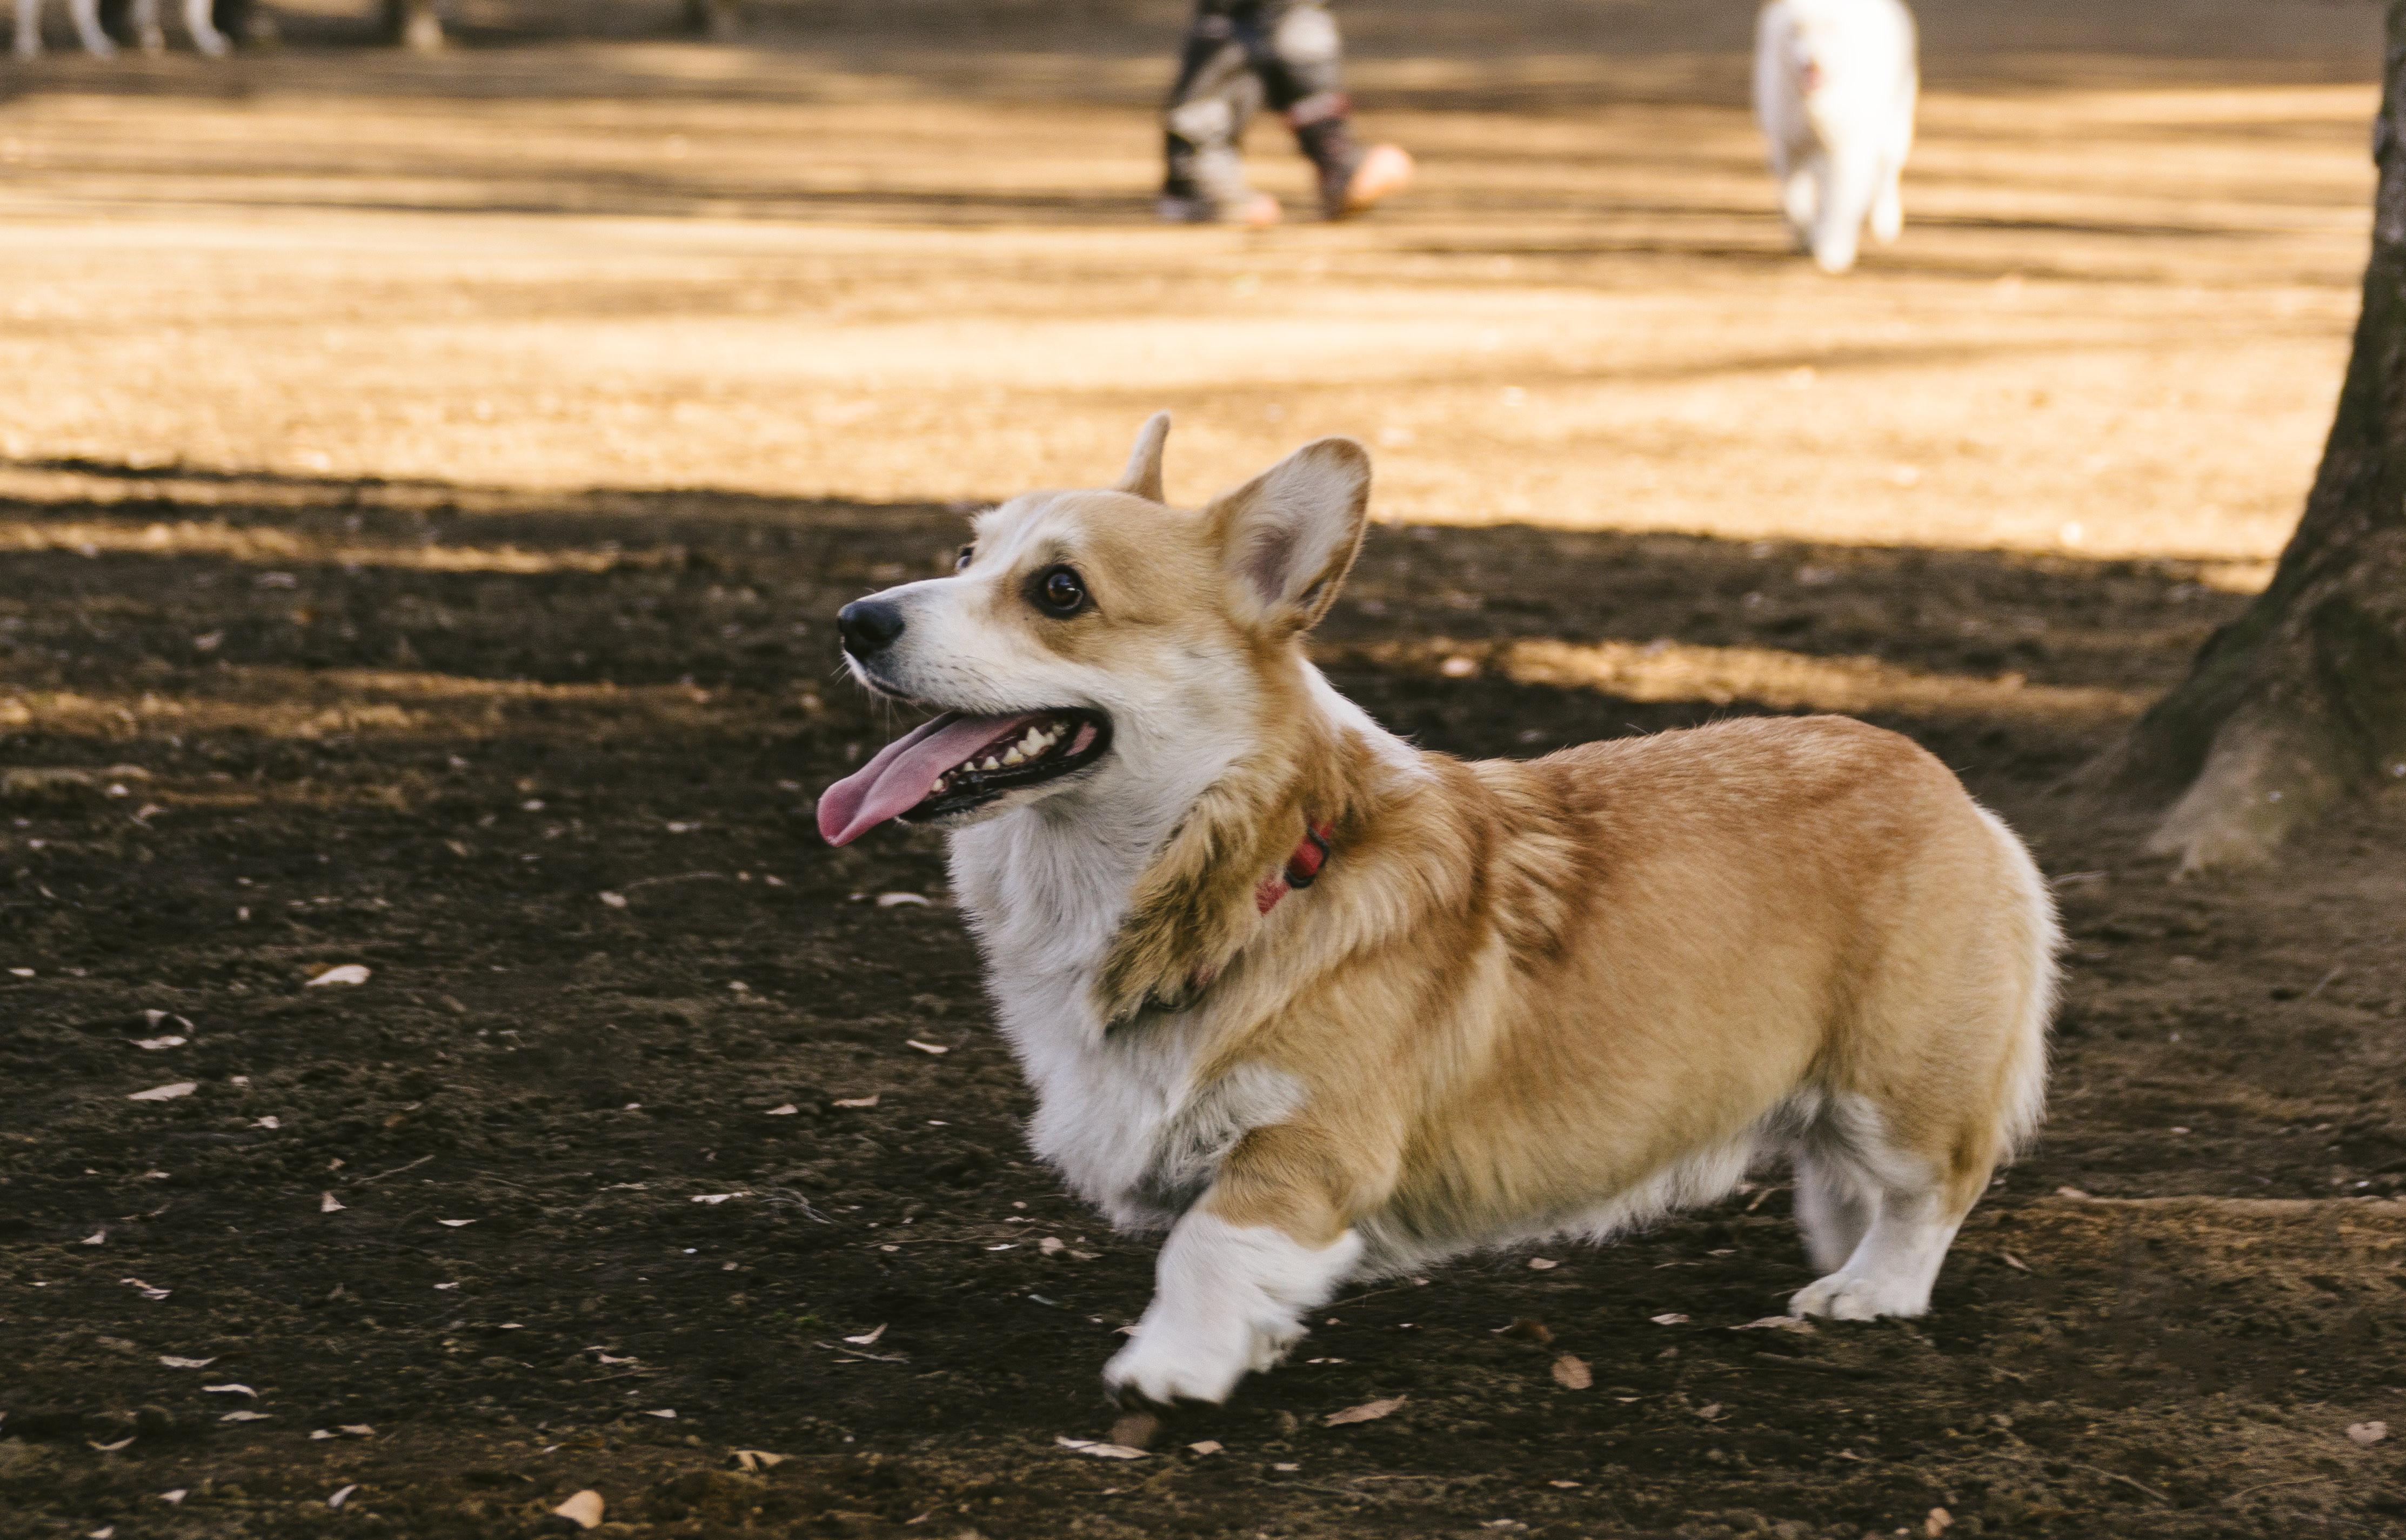 ▲柯基犬,柯基,狗狗。(圖/取自免費圖庫Pakutaso)